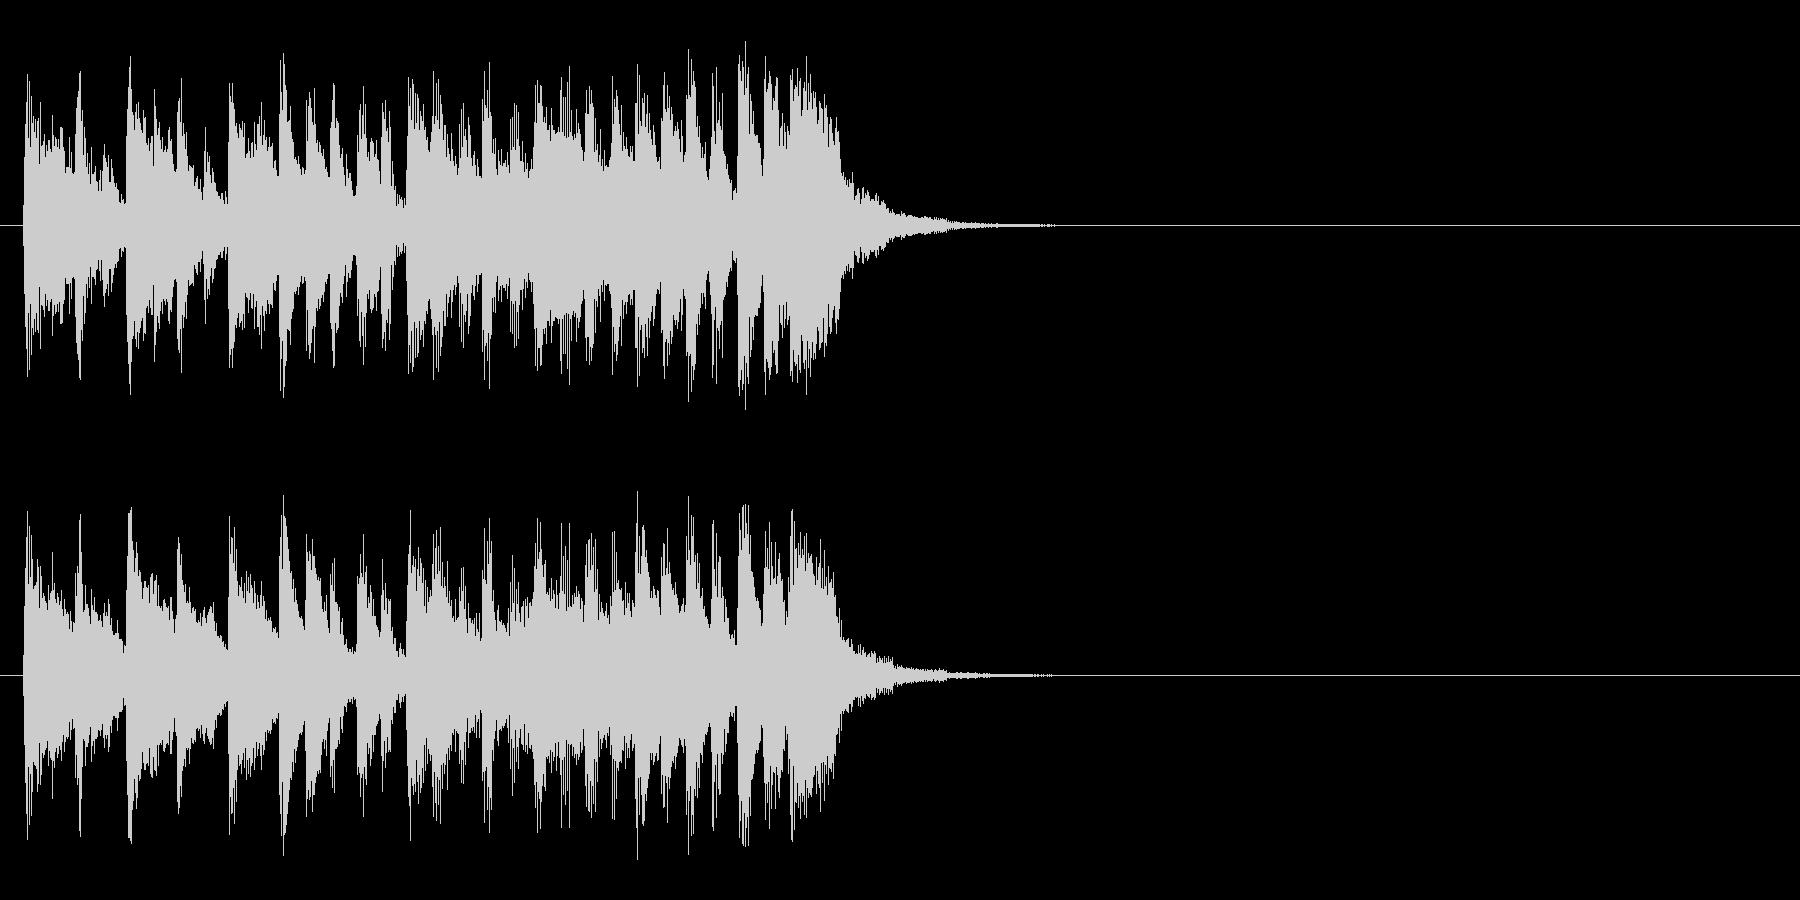 情報コーナー風元気なジングルの未再生の波形